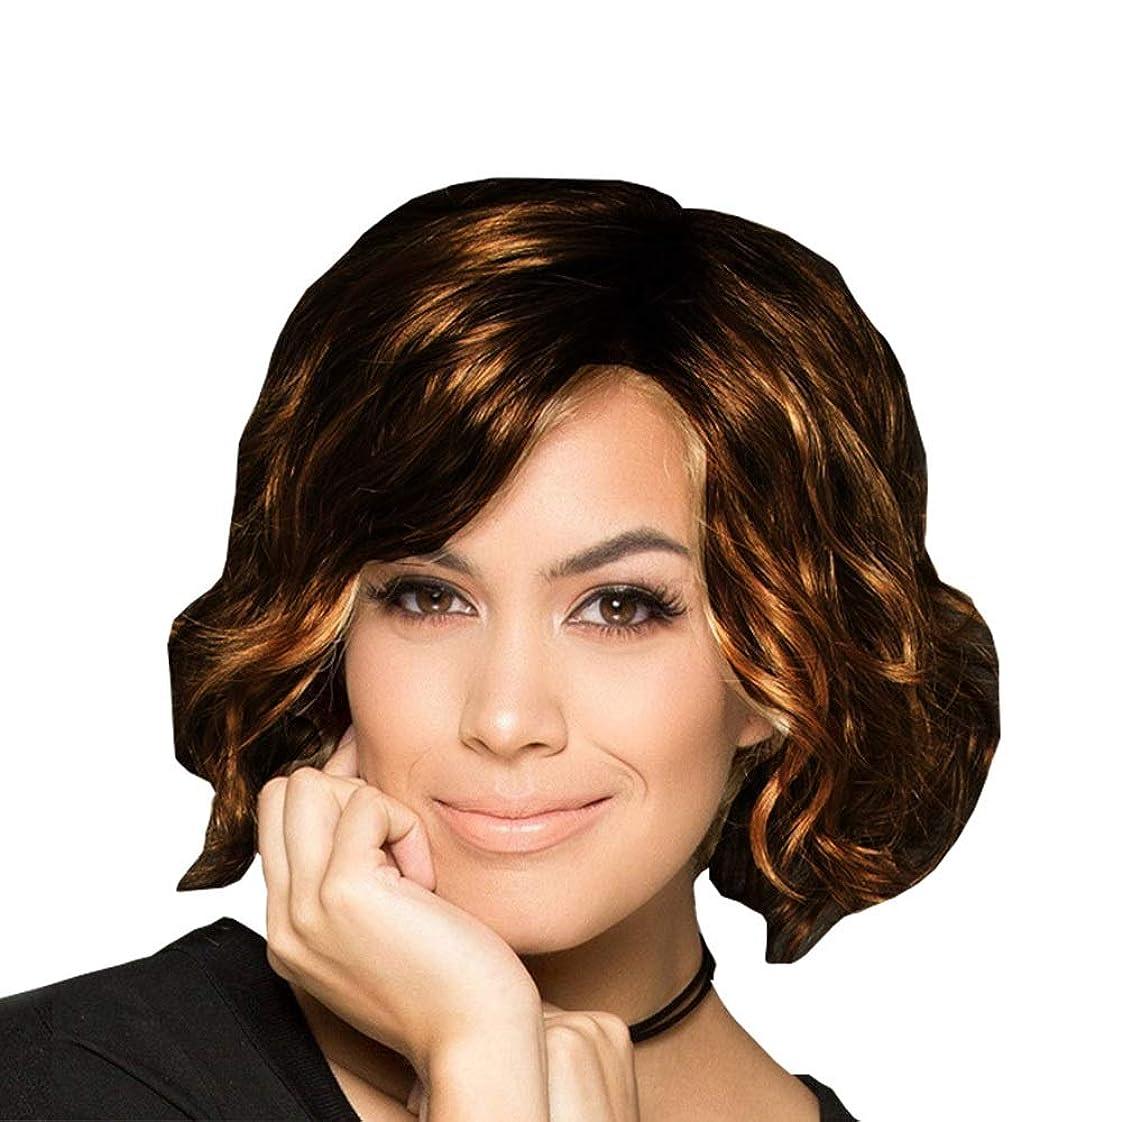 不確実首尾一貫したミントYrattary 前髪を持つ女性のためのブロンドの髪ショートボブウィッグ (色 : B)